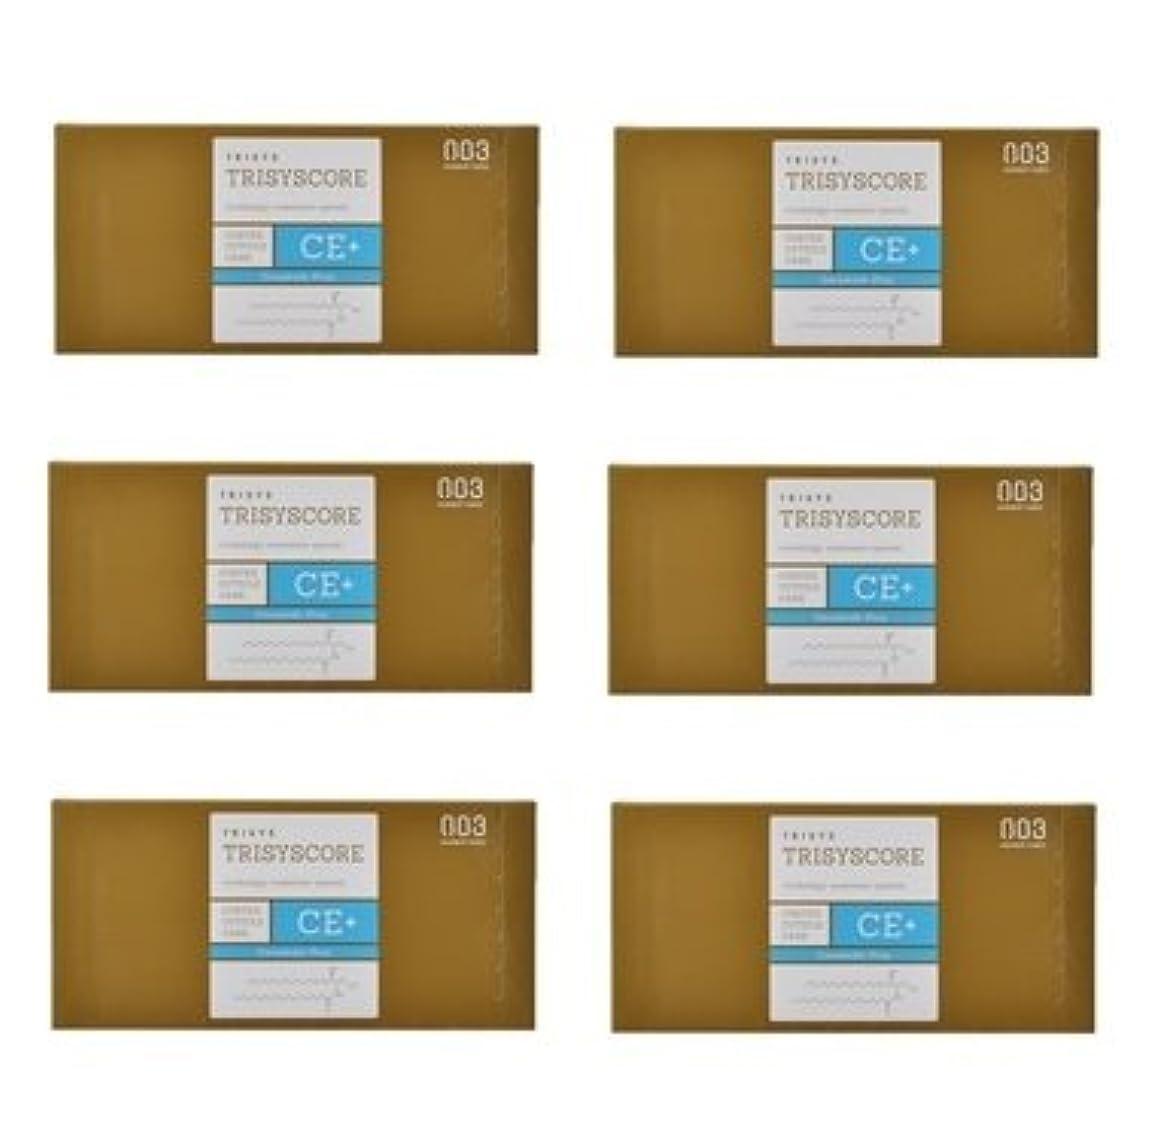 遠征氏満足できる【X6個セット】ナンバースリー トリシスコア CEプラス (ヘアトリートメント) 12g × 4包入り